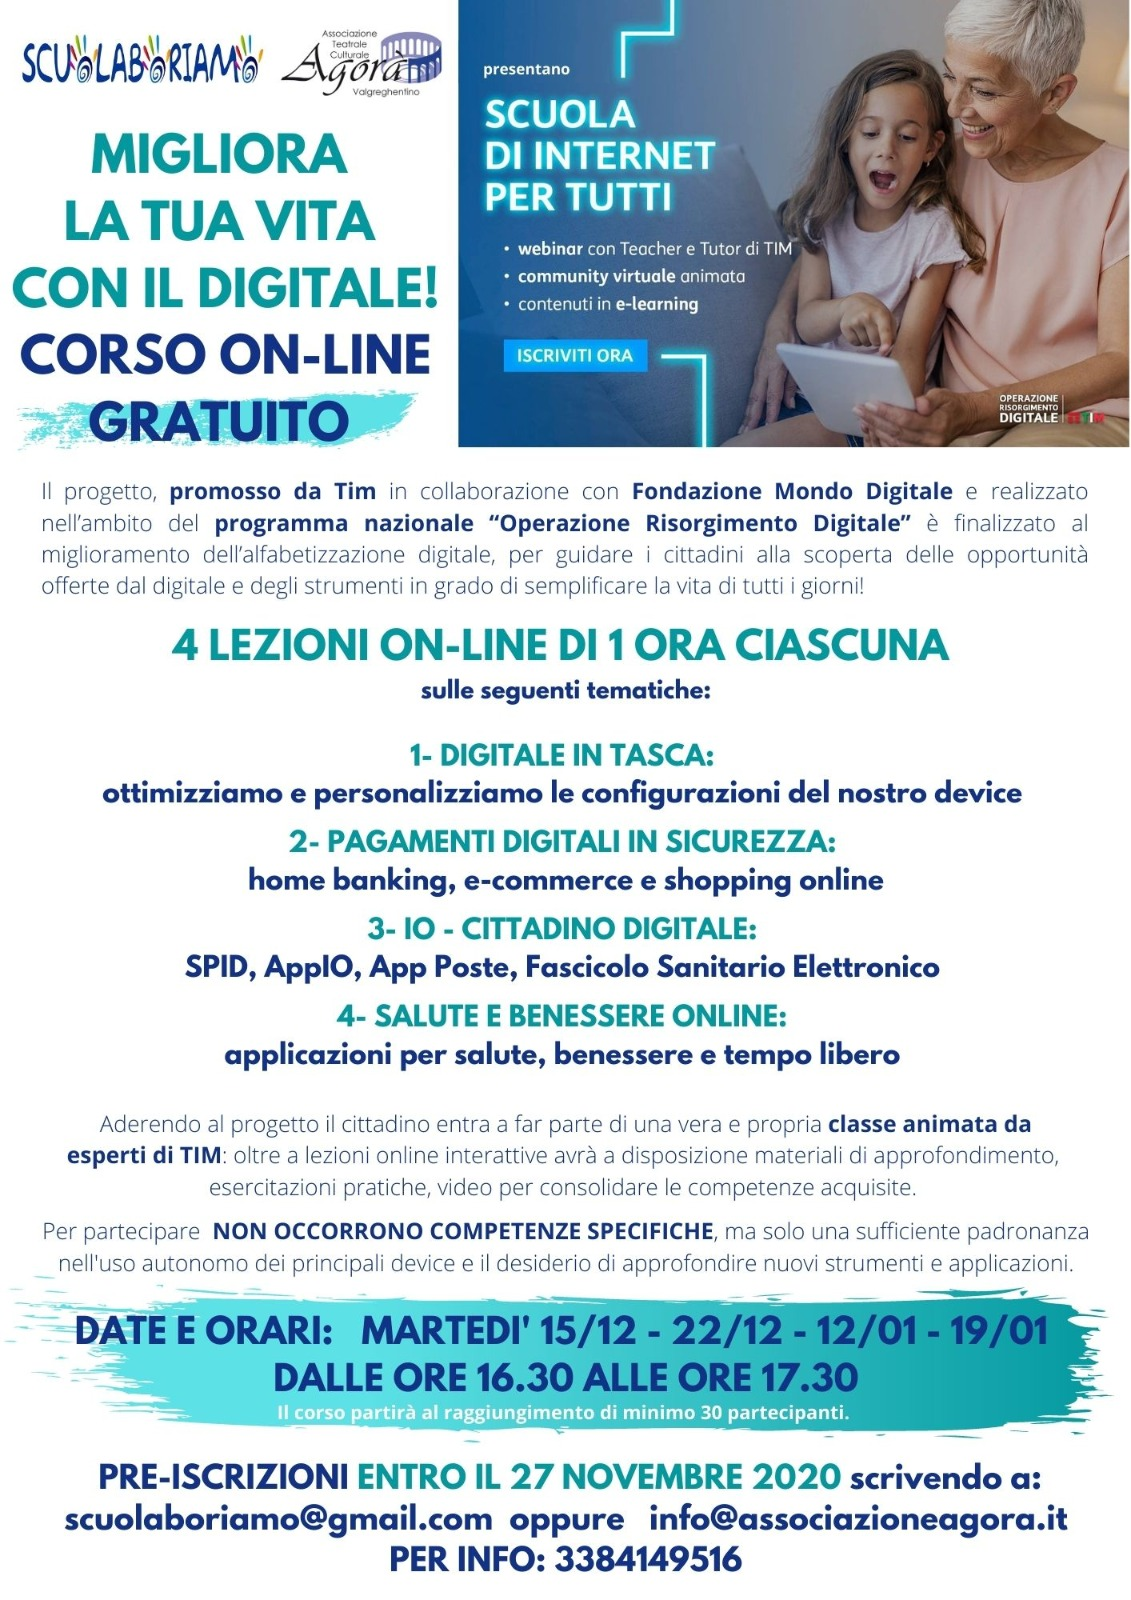 Scuolaboriamo E Agora Al Via Il Corso On Line Gratuito La Scuola Di Internet Per Tutti Lecco Notizie